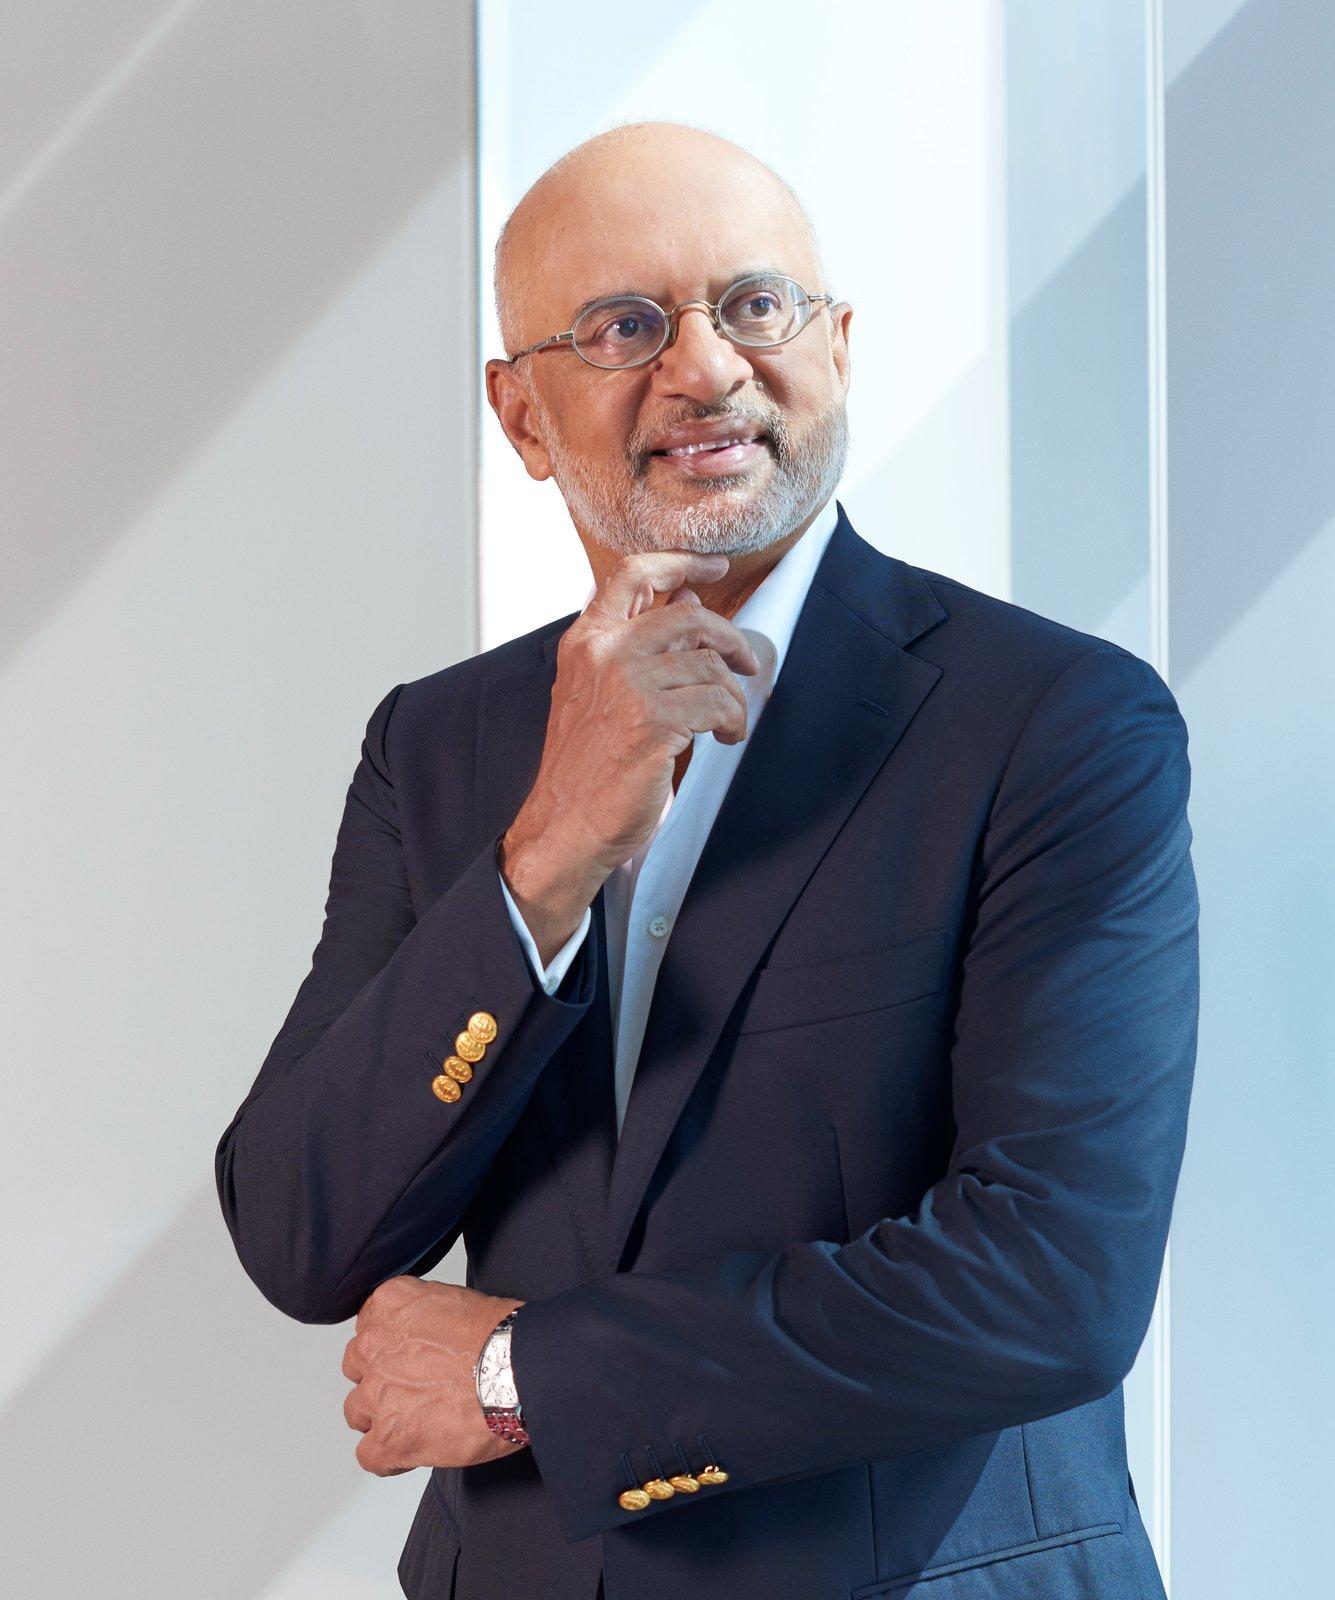 Cyfrowy lider wakcji. Piyush Gupta prezes banku wspieranego przez AI